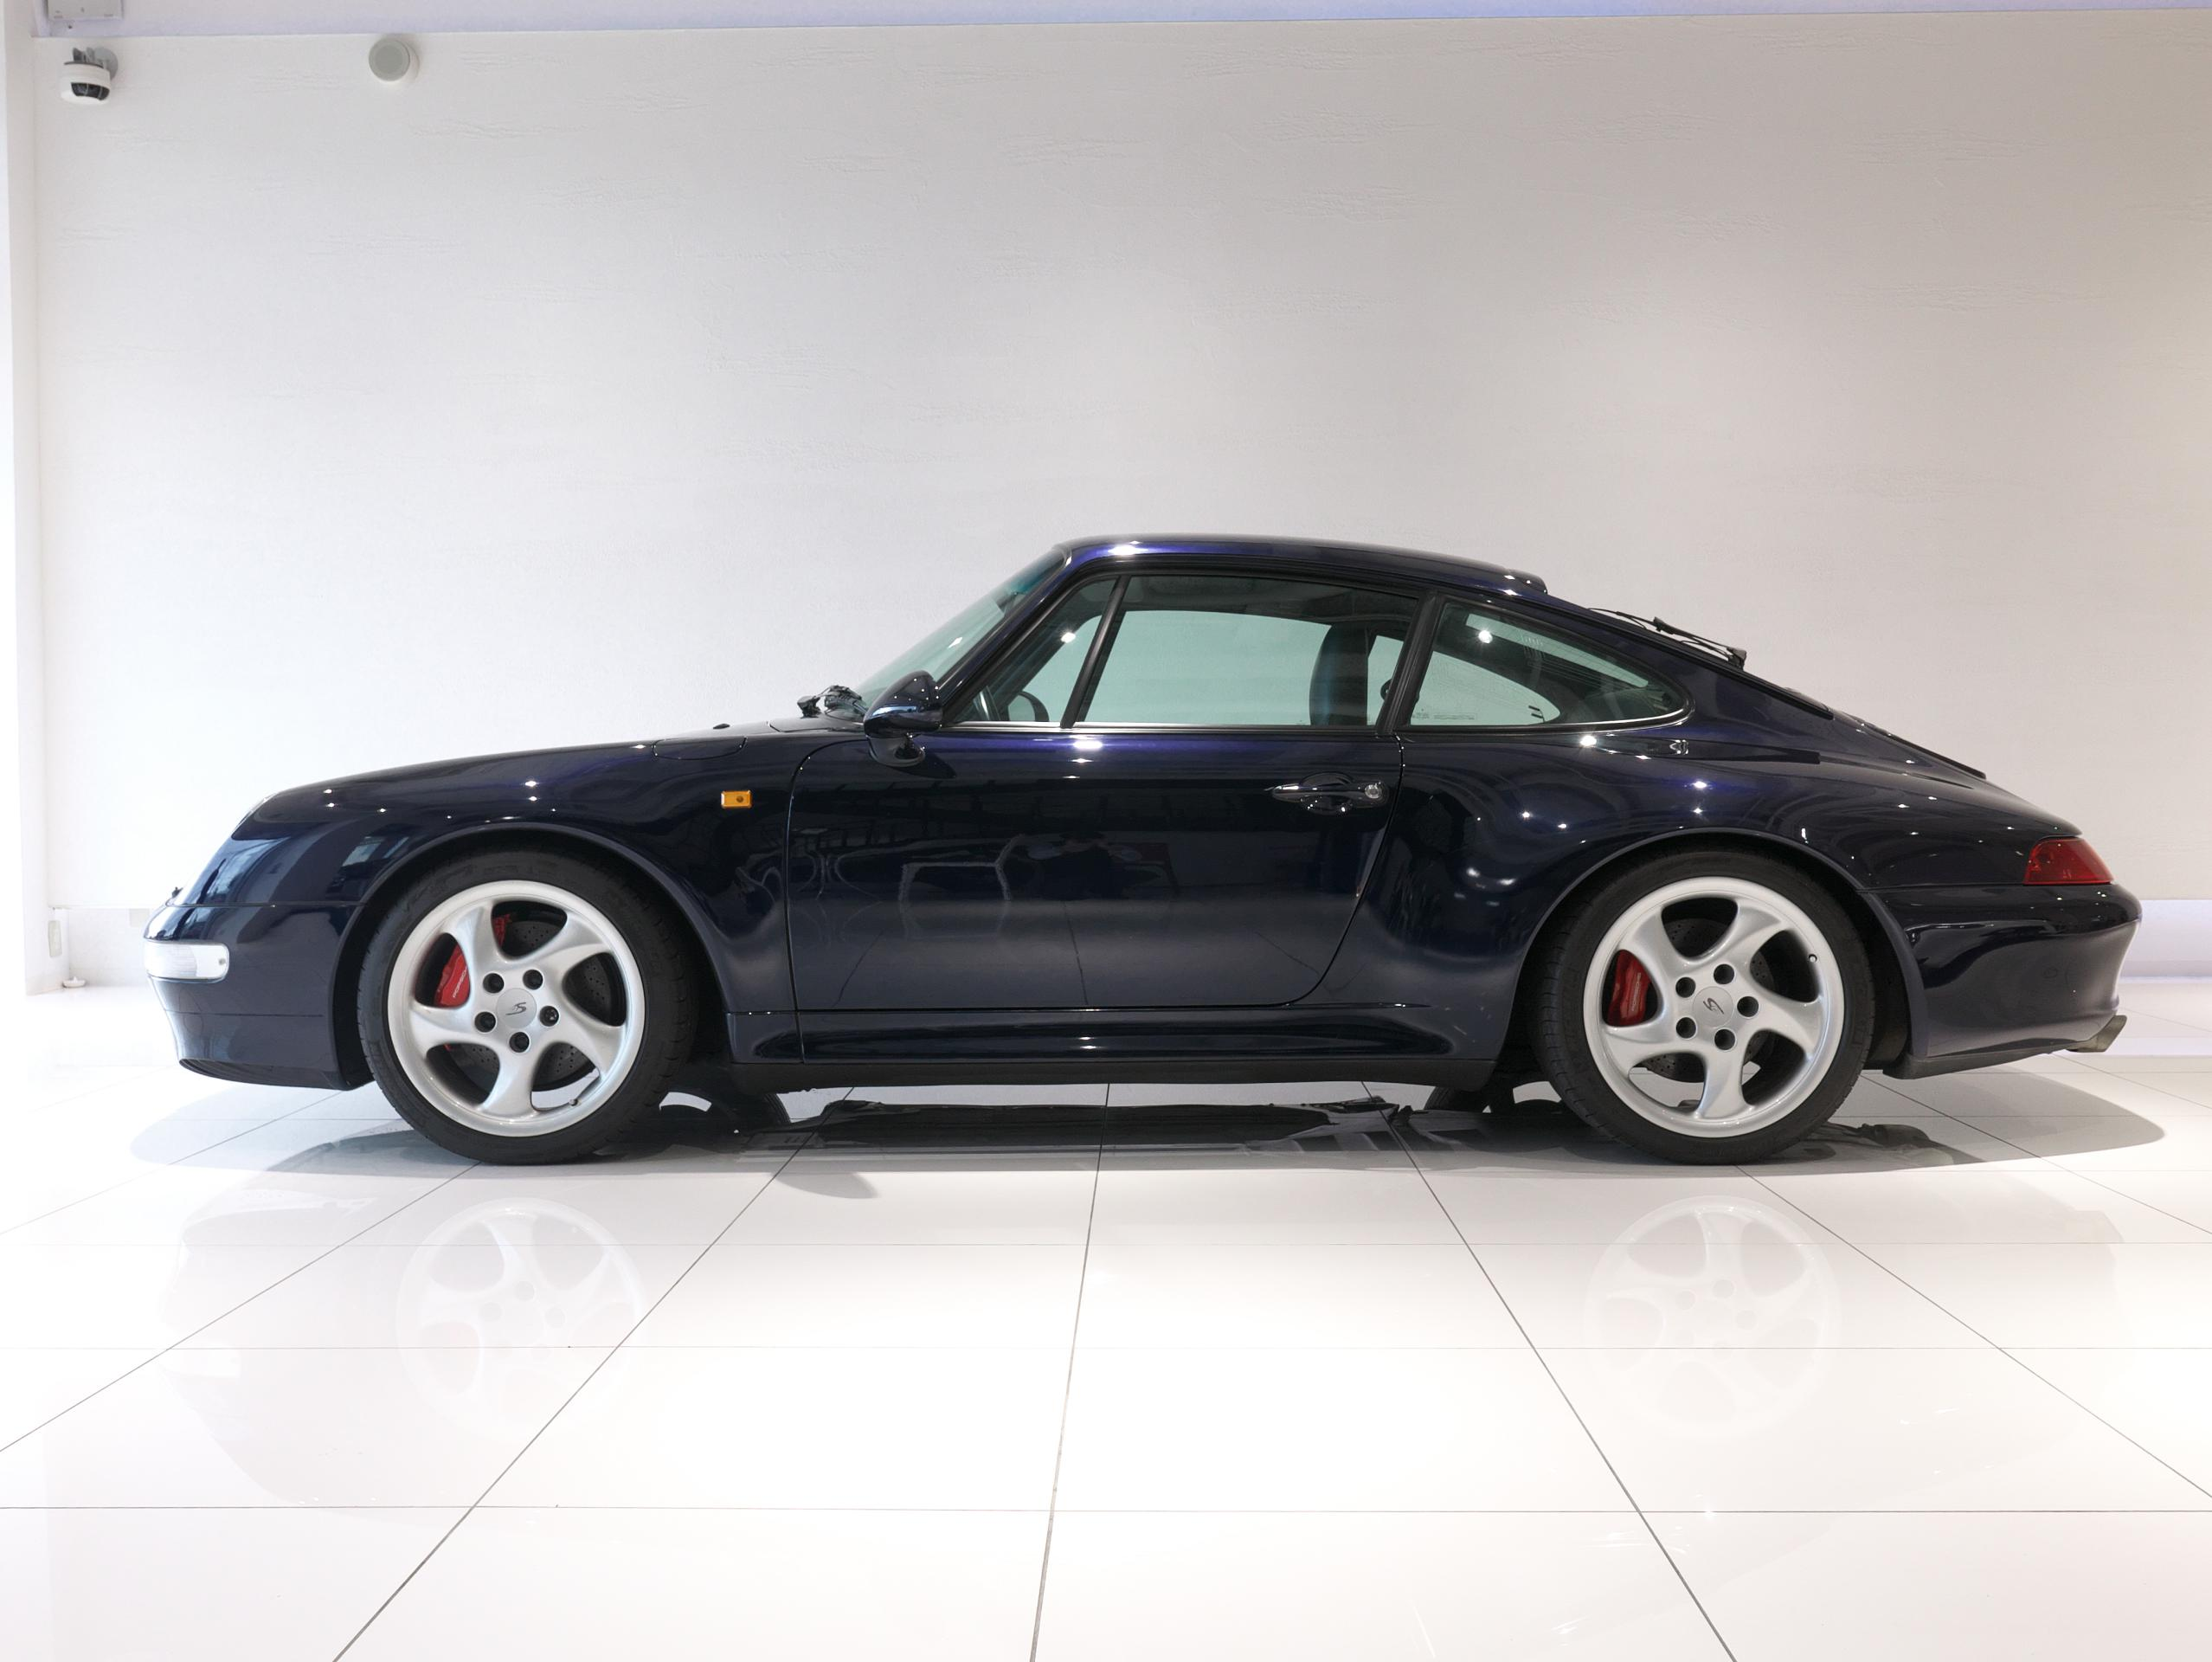 ポルシェ 911 カレラ4S 993 左サイド